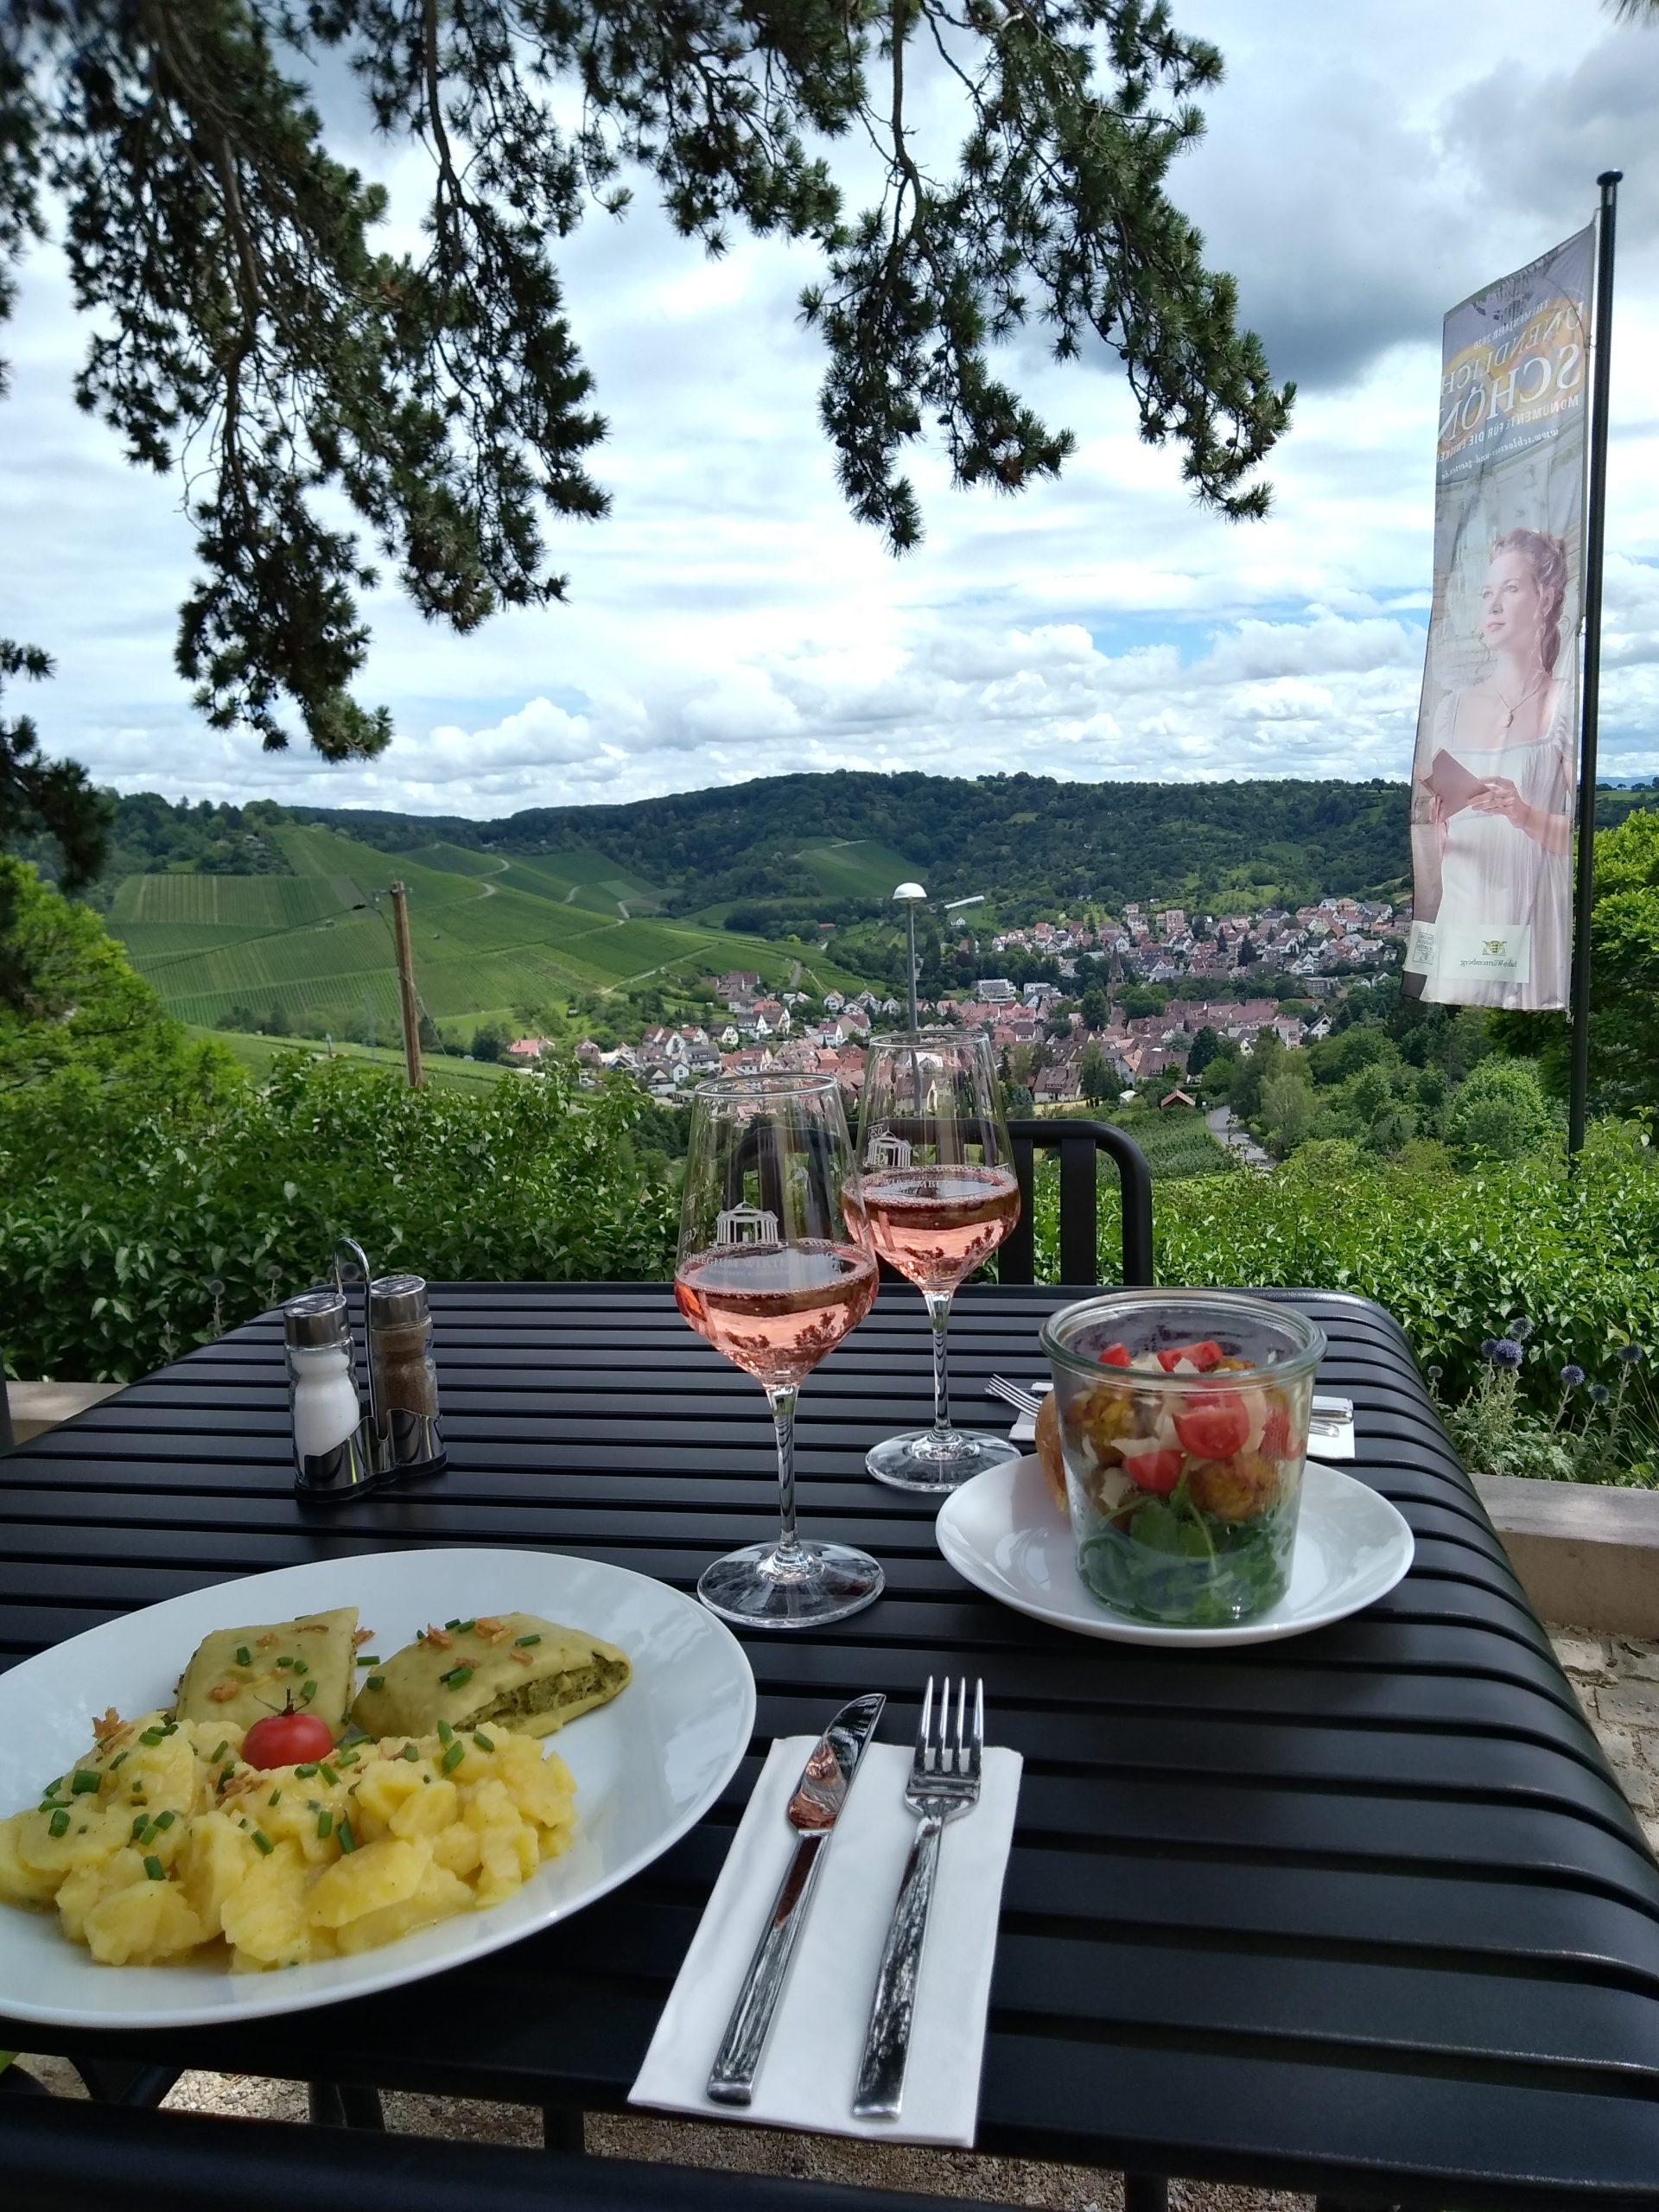 Man sieht den herrlichen ausblick auf Stuttgart, vom Württemberg aus, im Vordergrund Maultaschen mit Kartoffelsalat